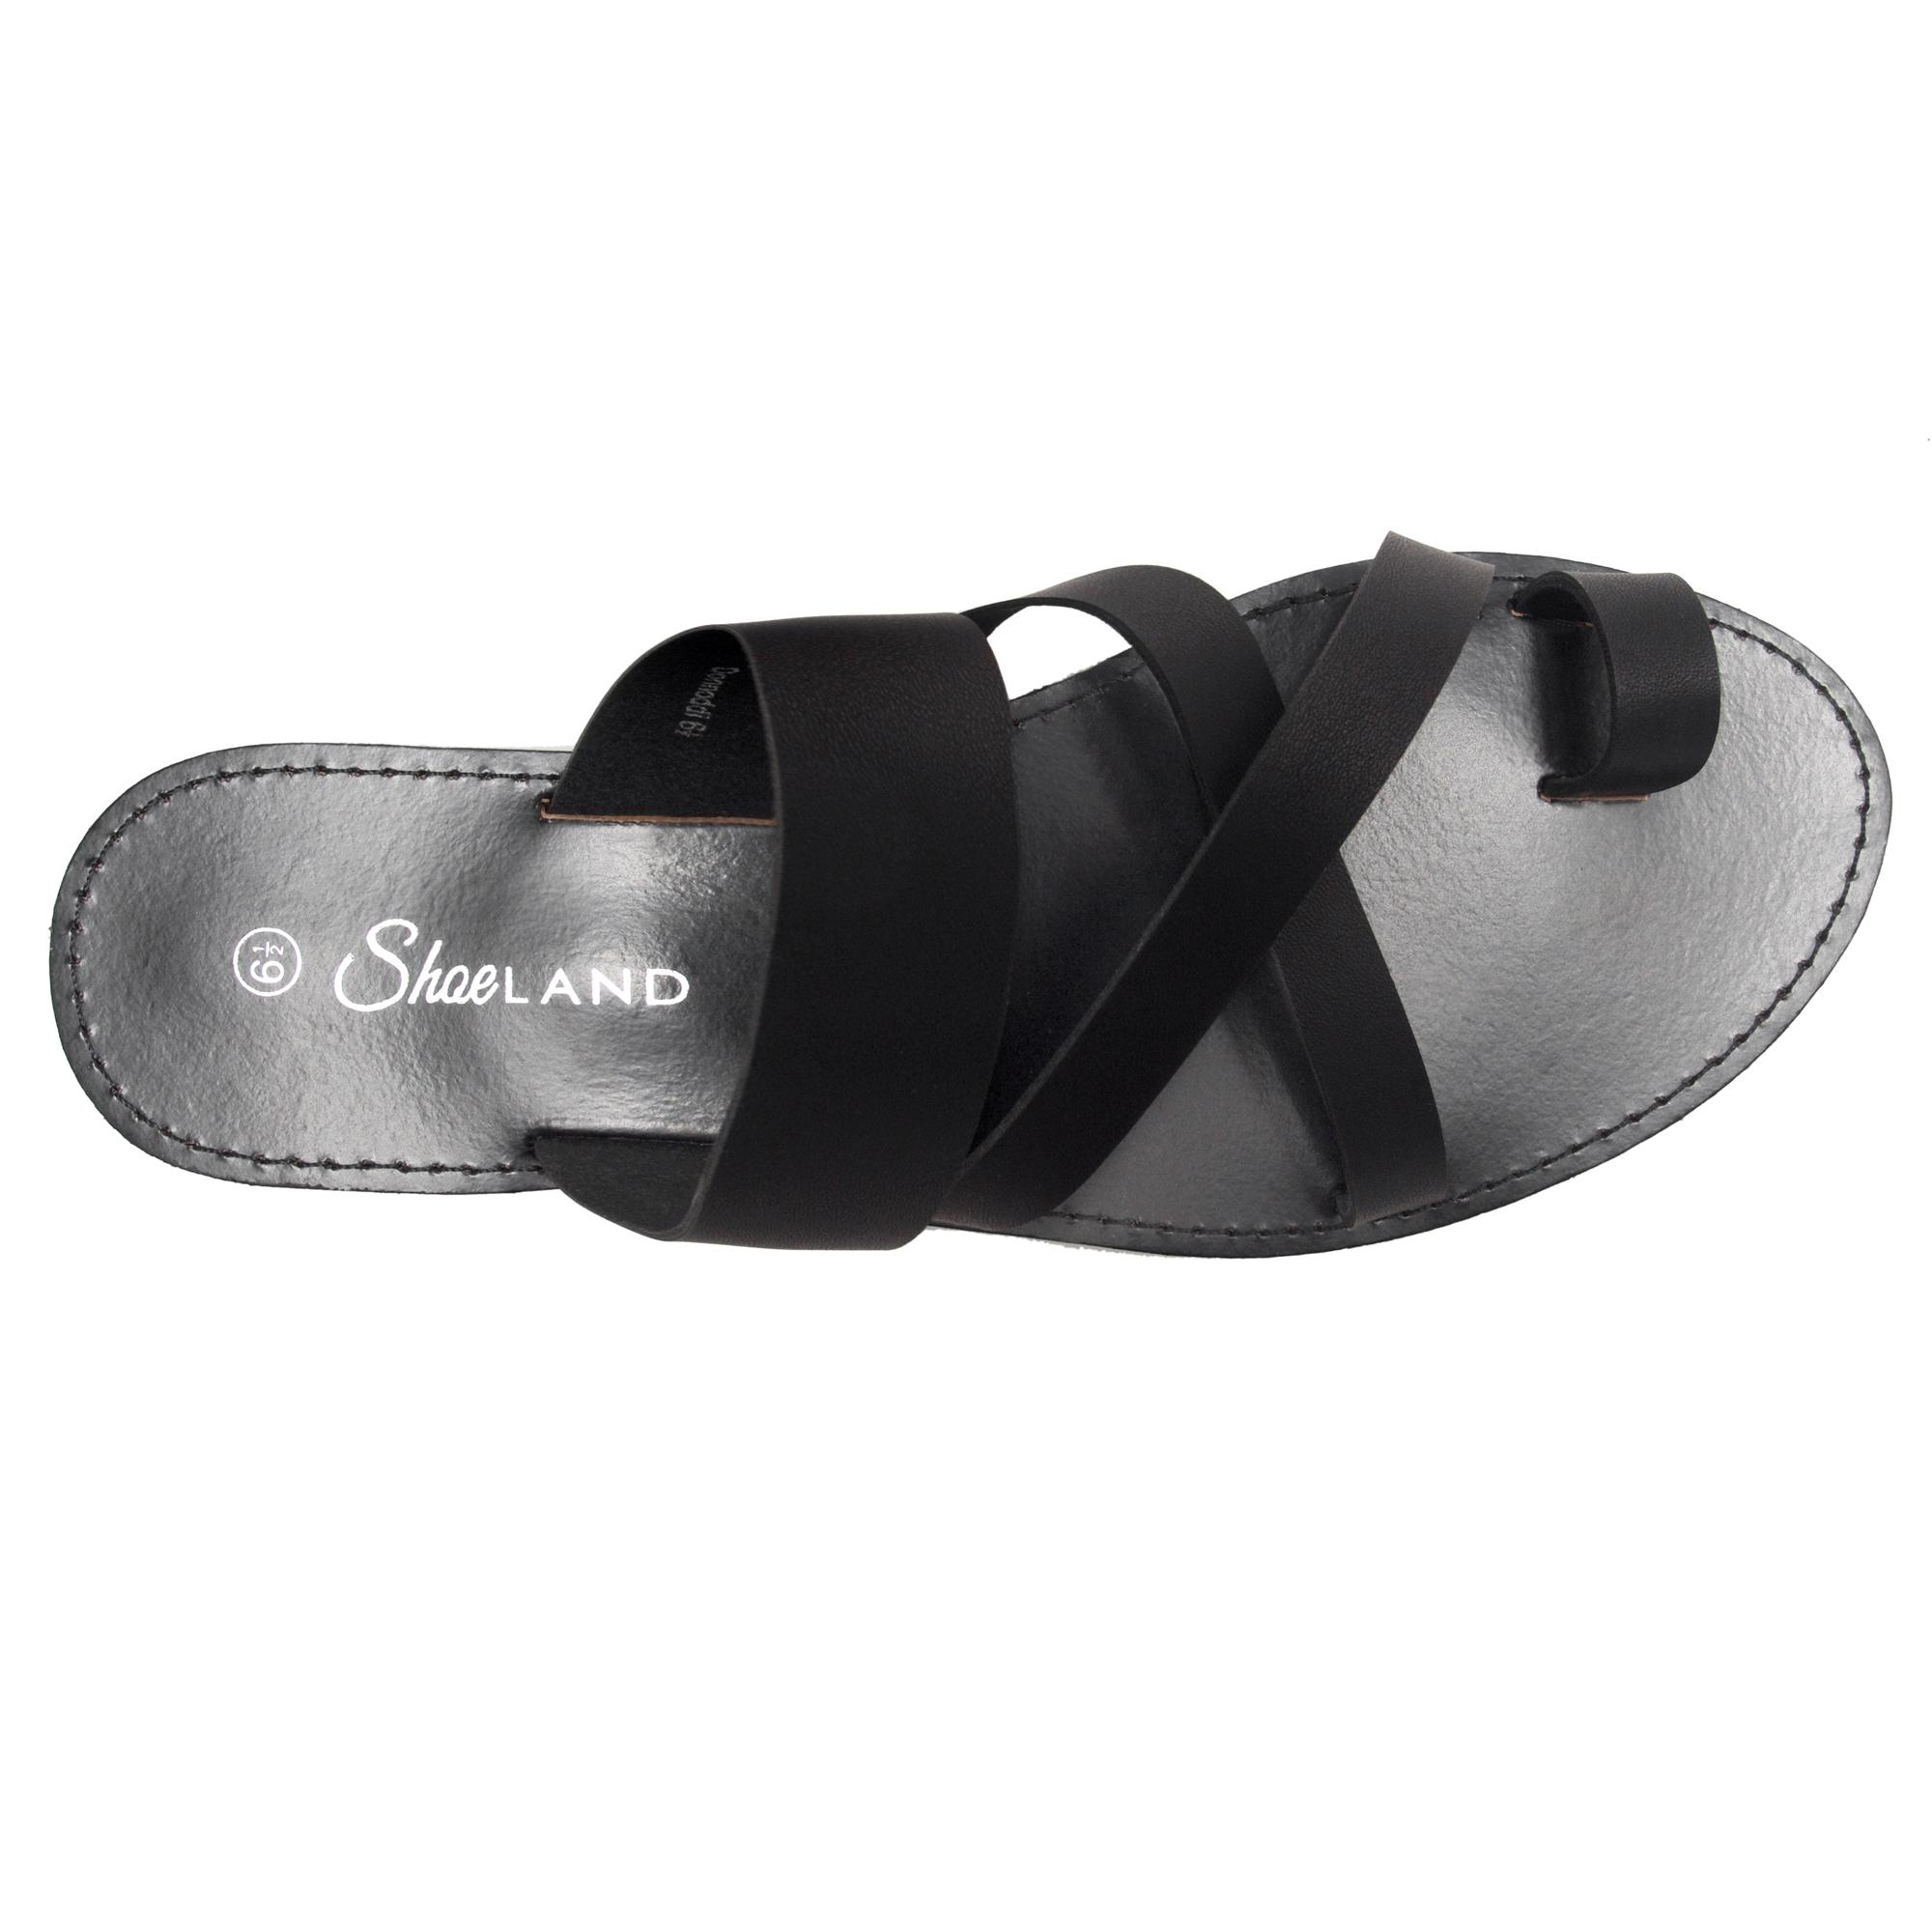 54eeae459d Women's Donnoddi Toe Ring Sandal with Unique Crisscross Straps (Black)